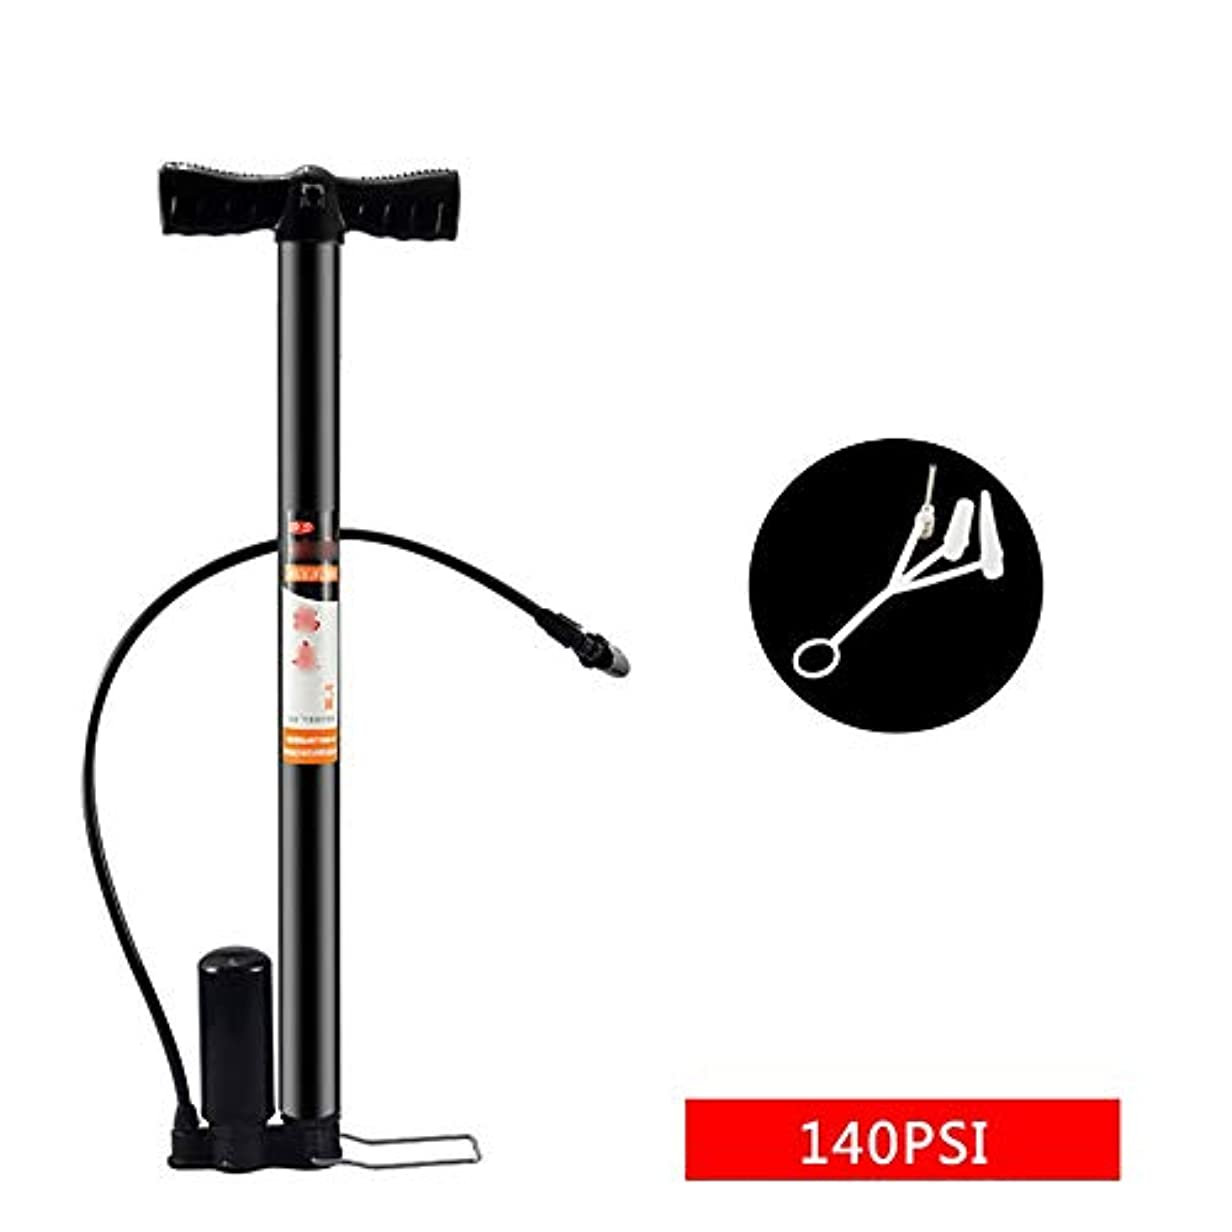 ネックレススキッパーハリウッドミニ自転車/自転車ポンプ 家庭用自転車ポンプミニポンプ160 / 140PSI内部および外部デュアル高圧ポータブルポンプUS /フランスノズル共通